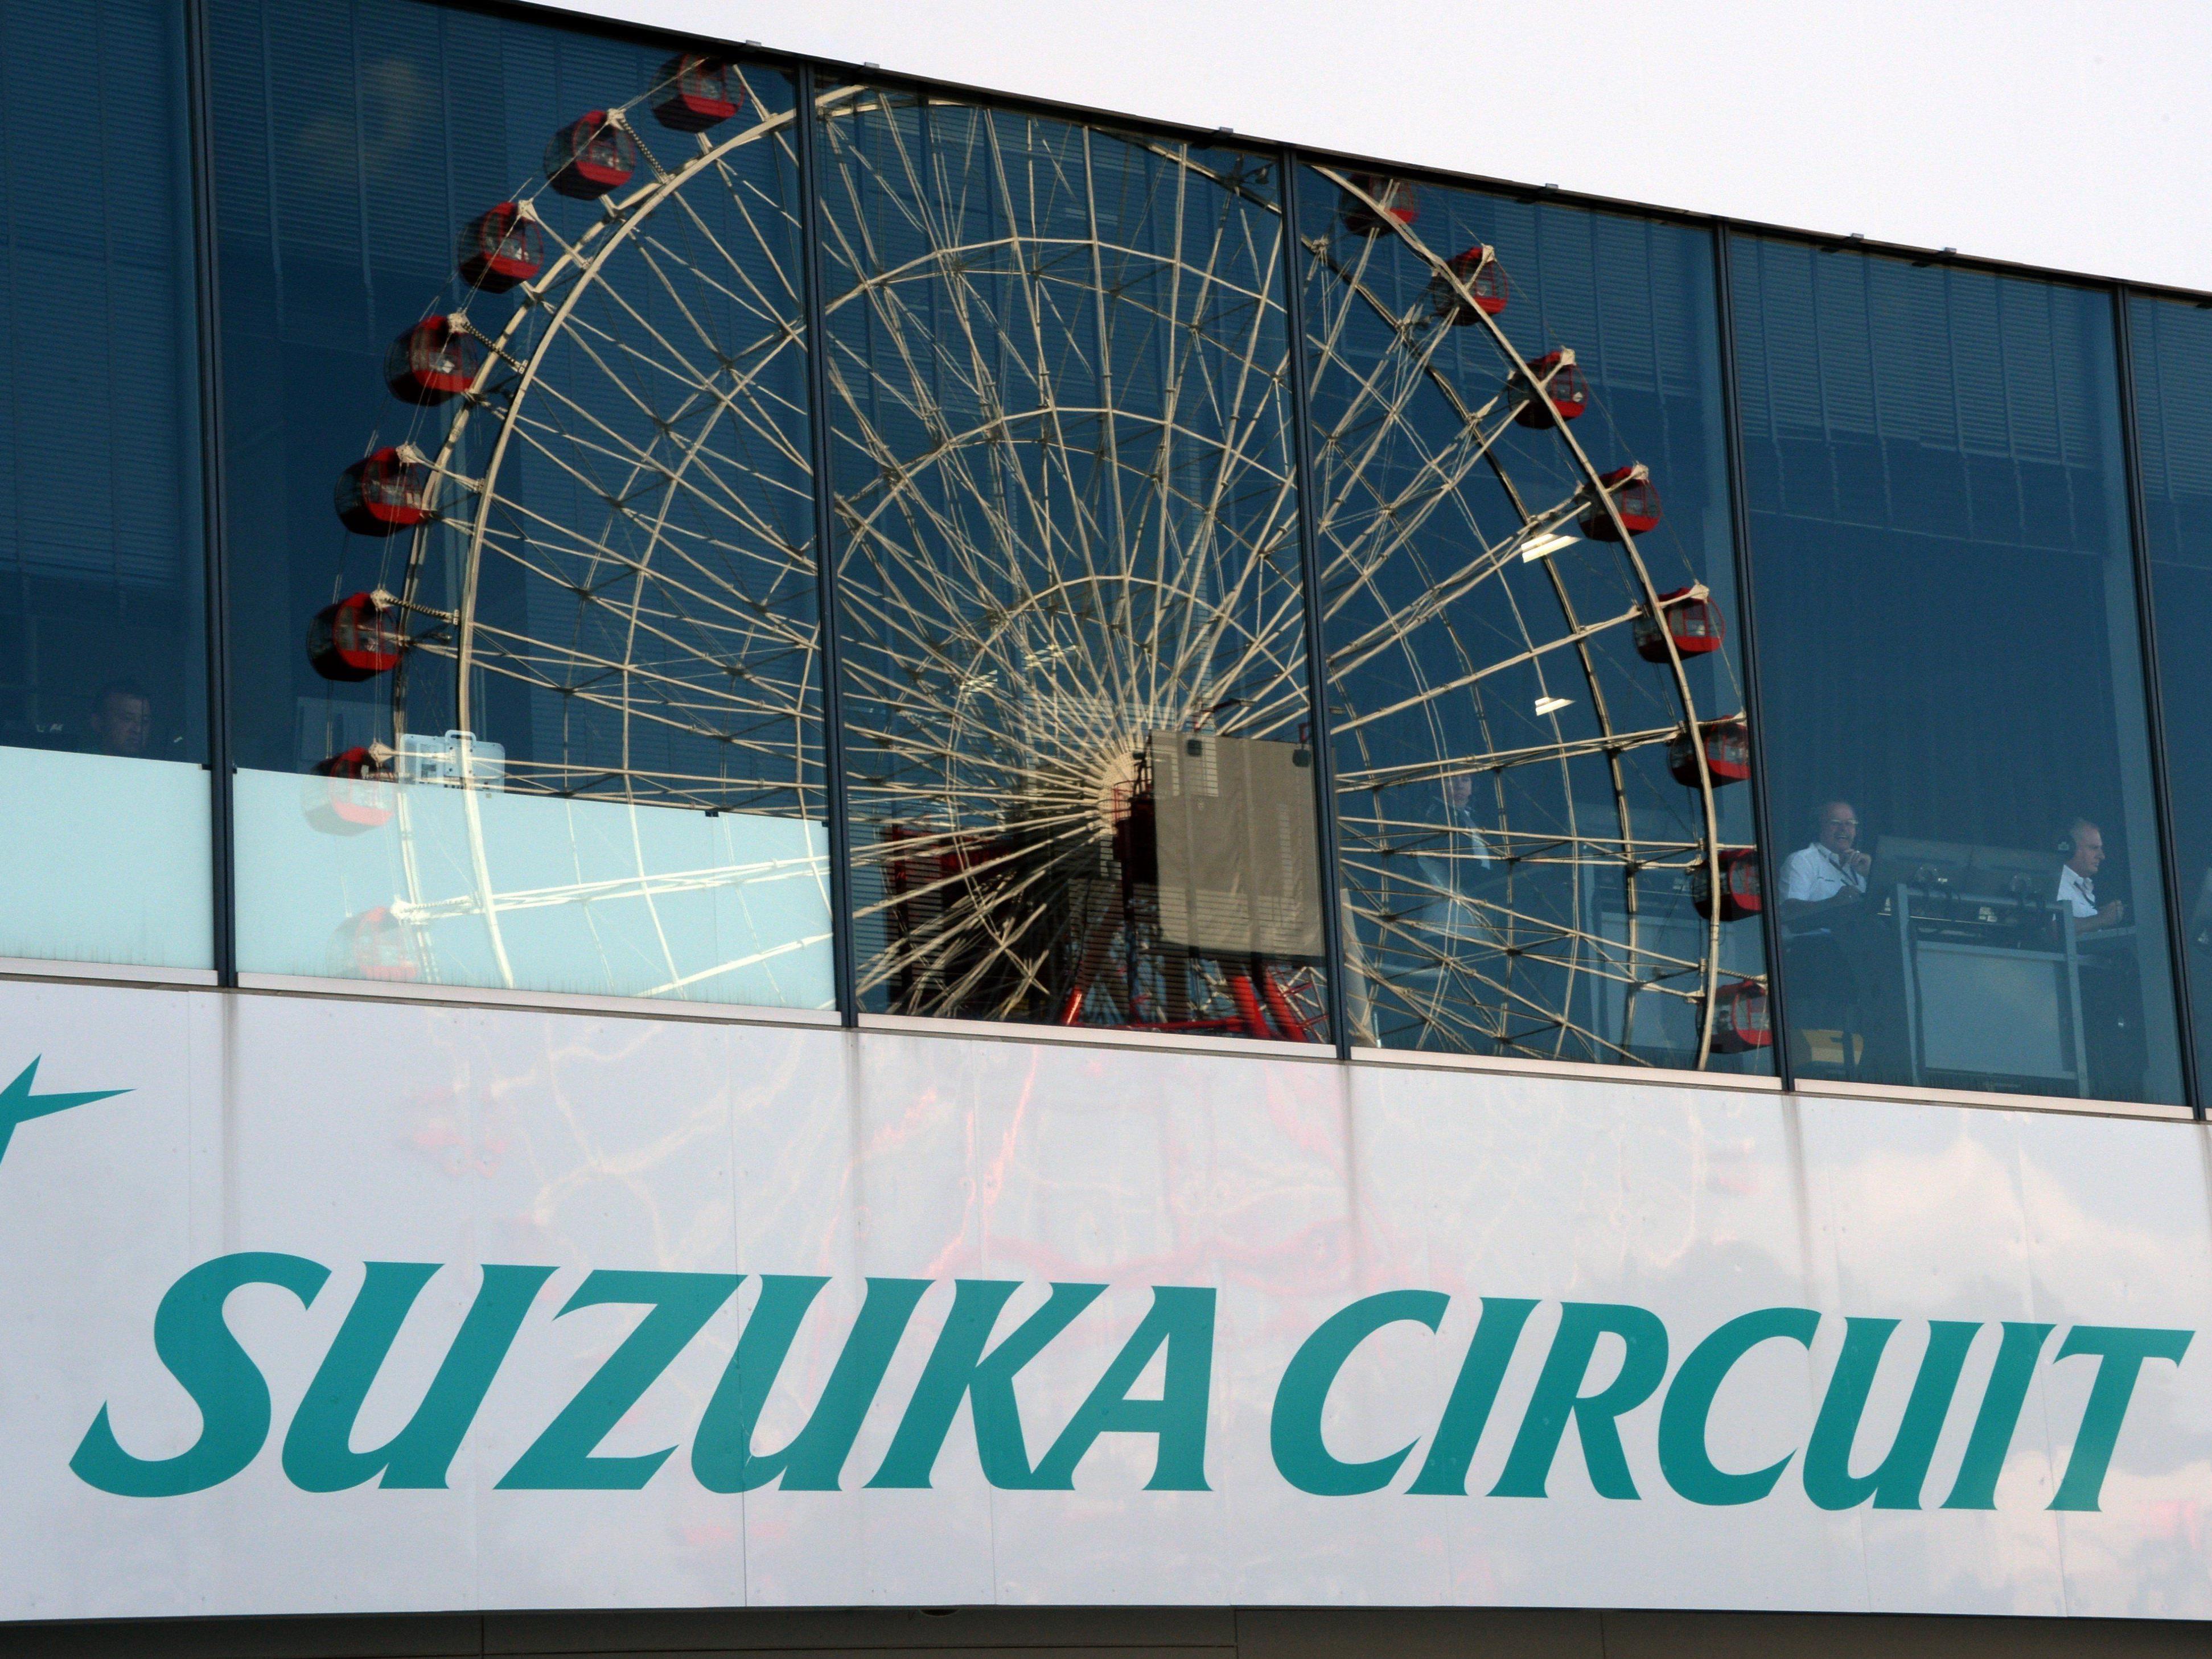 """Starker Regen am Sonntag in Suzuka befürchtet - UBIMET meldet """"potenzielle Gefährdung""""."""